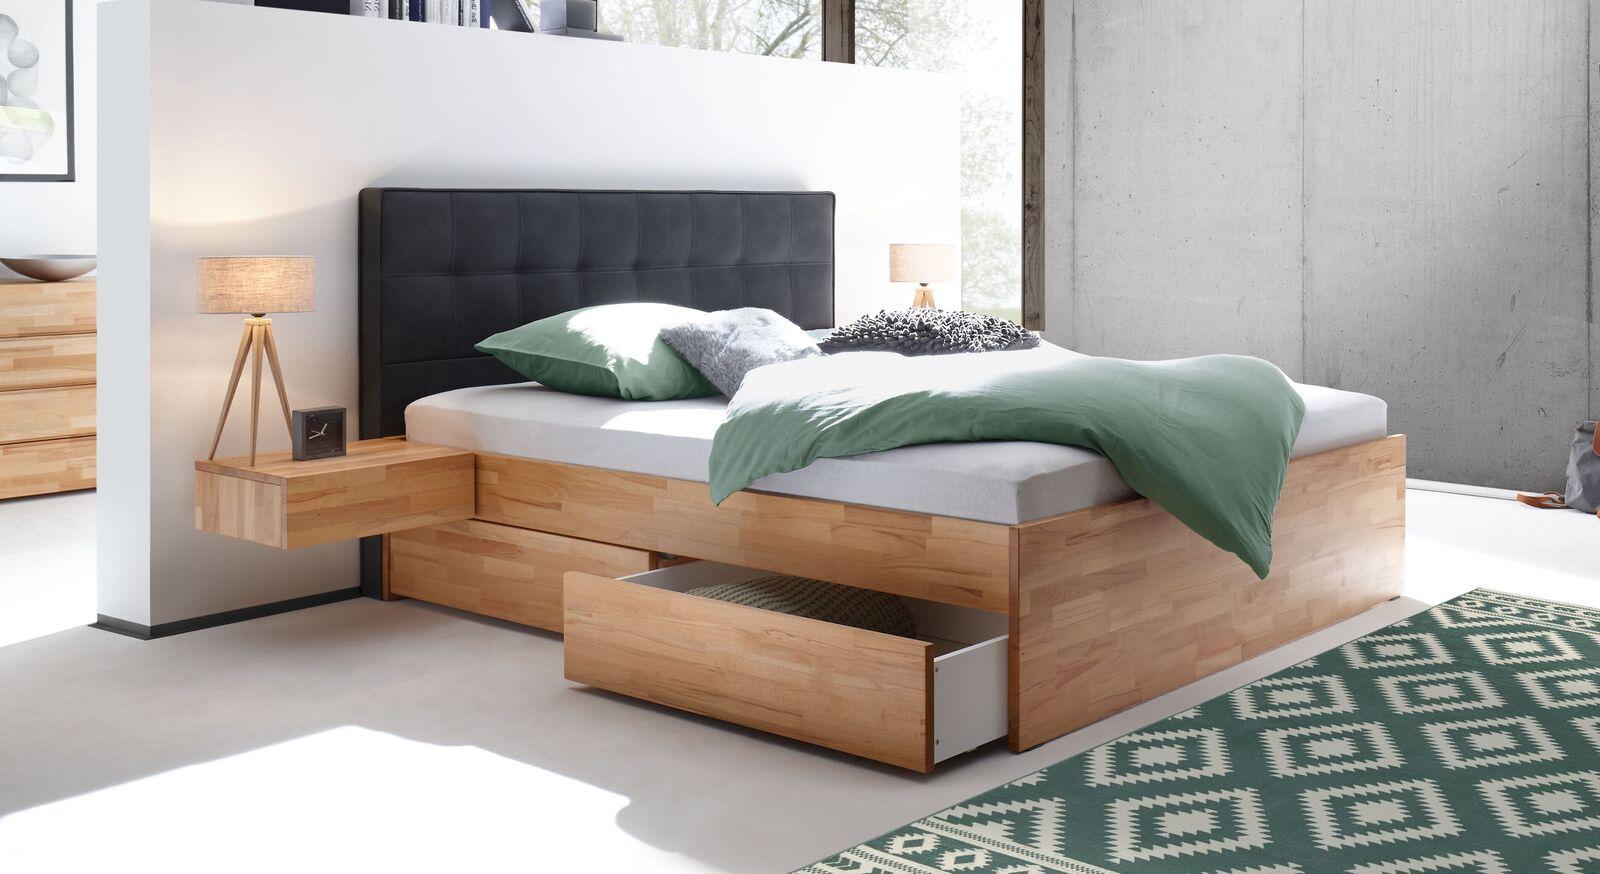 Schubkasten-Doppelbett Mirenga aus massivem Kernbuchenholz